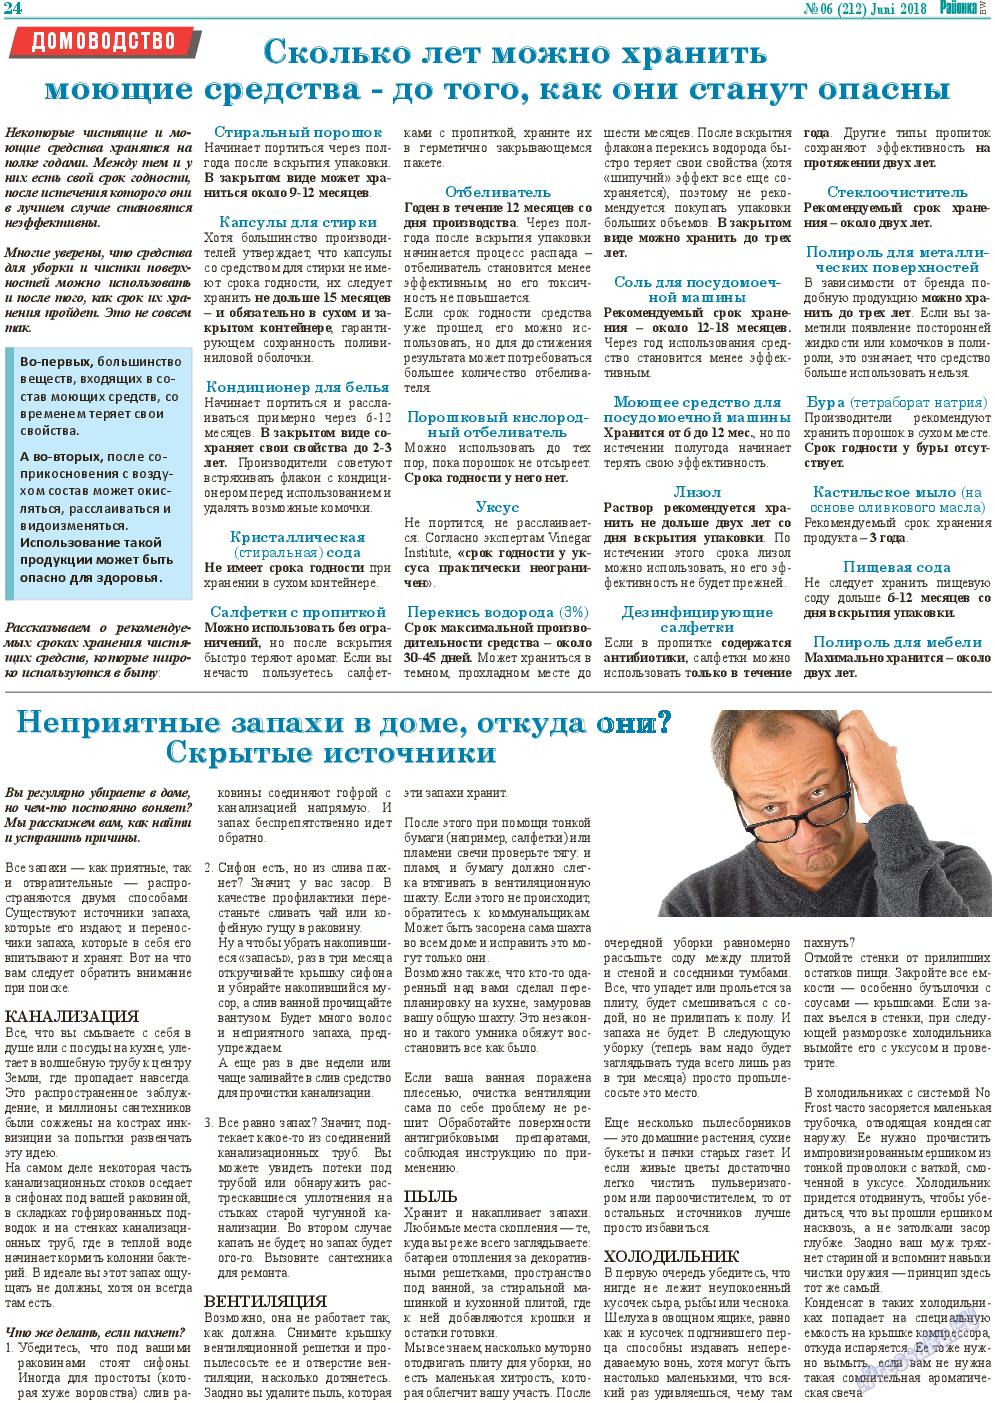 Районка-West (газета). 2018 год, номер 6, стр. 24